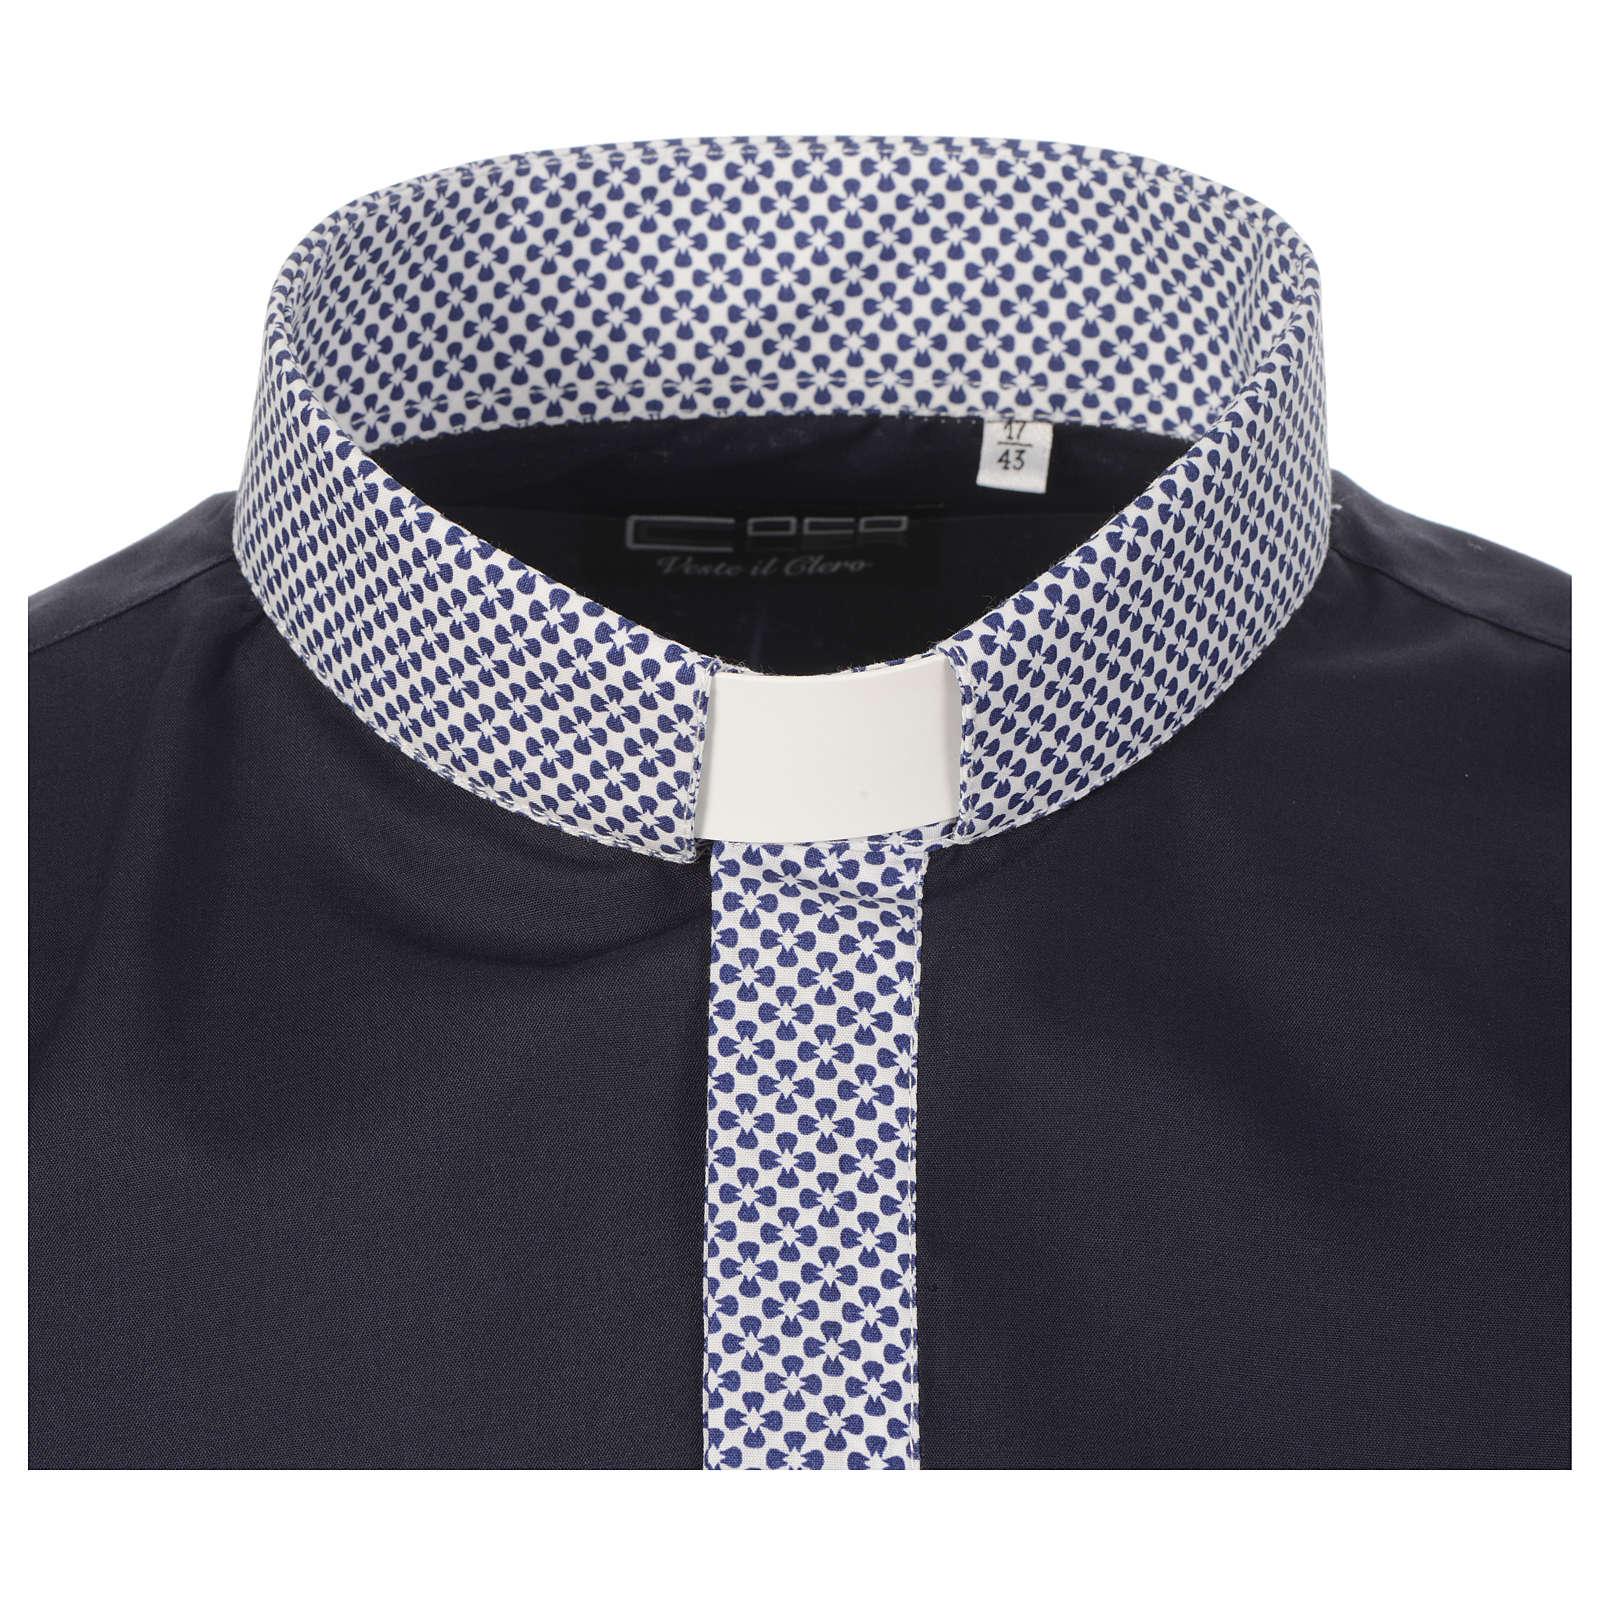 Collarhemd mit Kontrast in der Farbe Blau abgesetzt mit Kreuzmuster Langarm 4